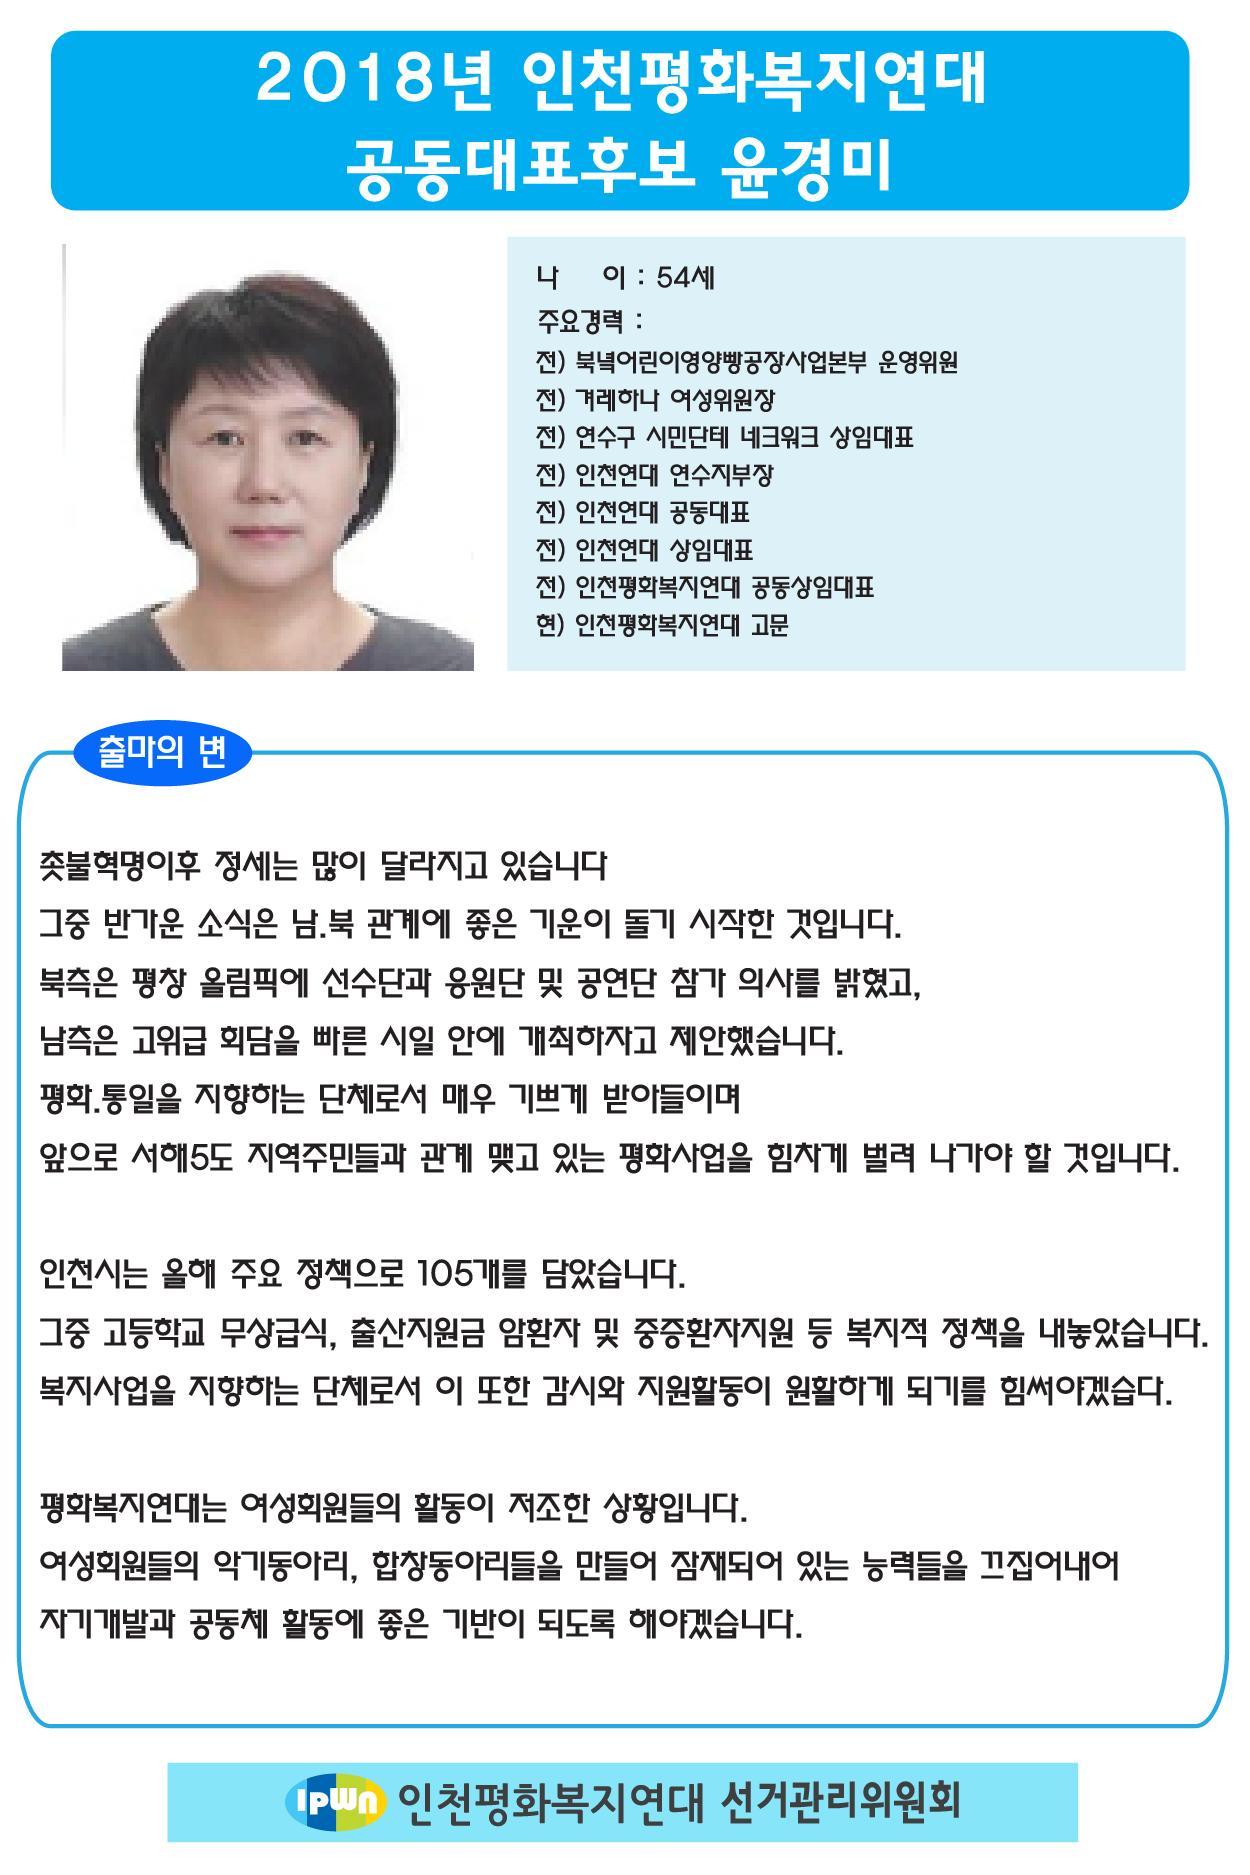 2018인천평화복지연대 윤경미 공동대표 후보.png